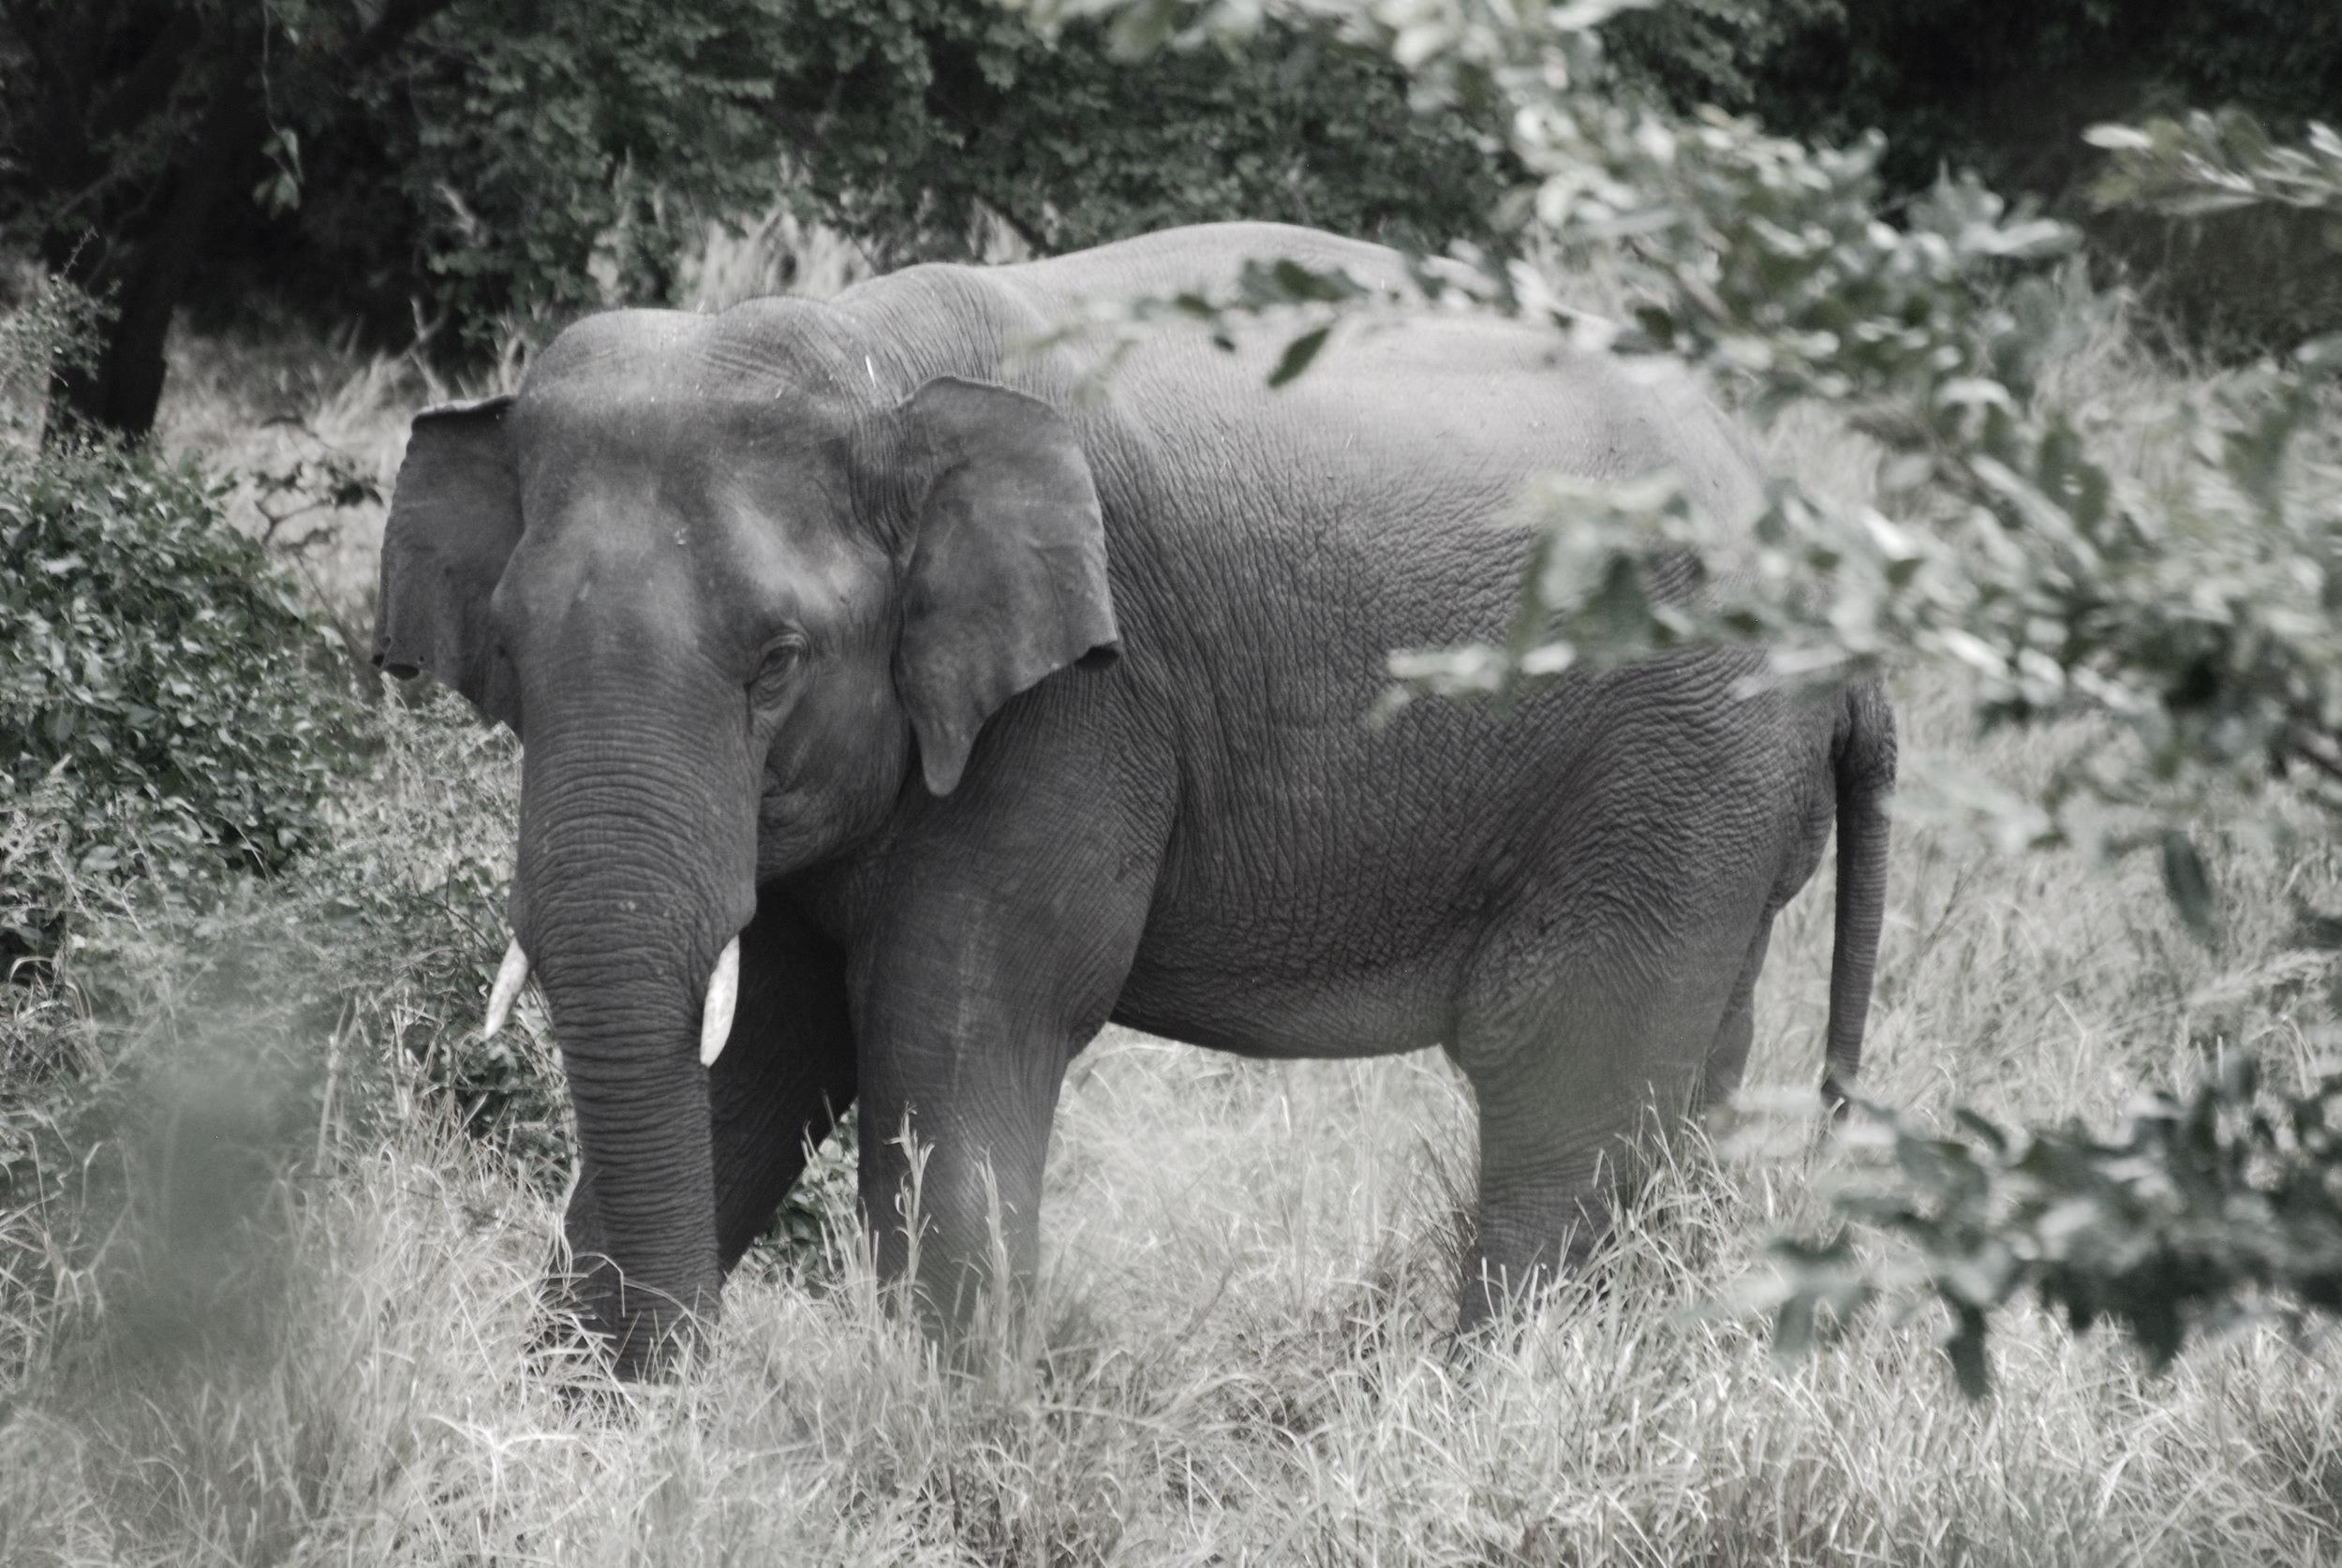 Asian elephant in Kaudulla National Park, Sri Lanka, July 2017. Photo: Chase LaDue.